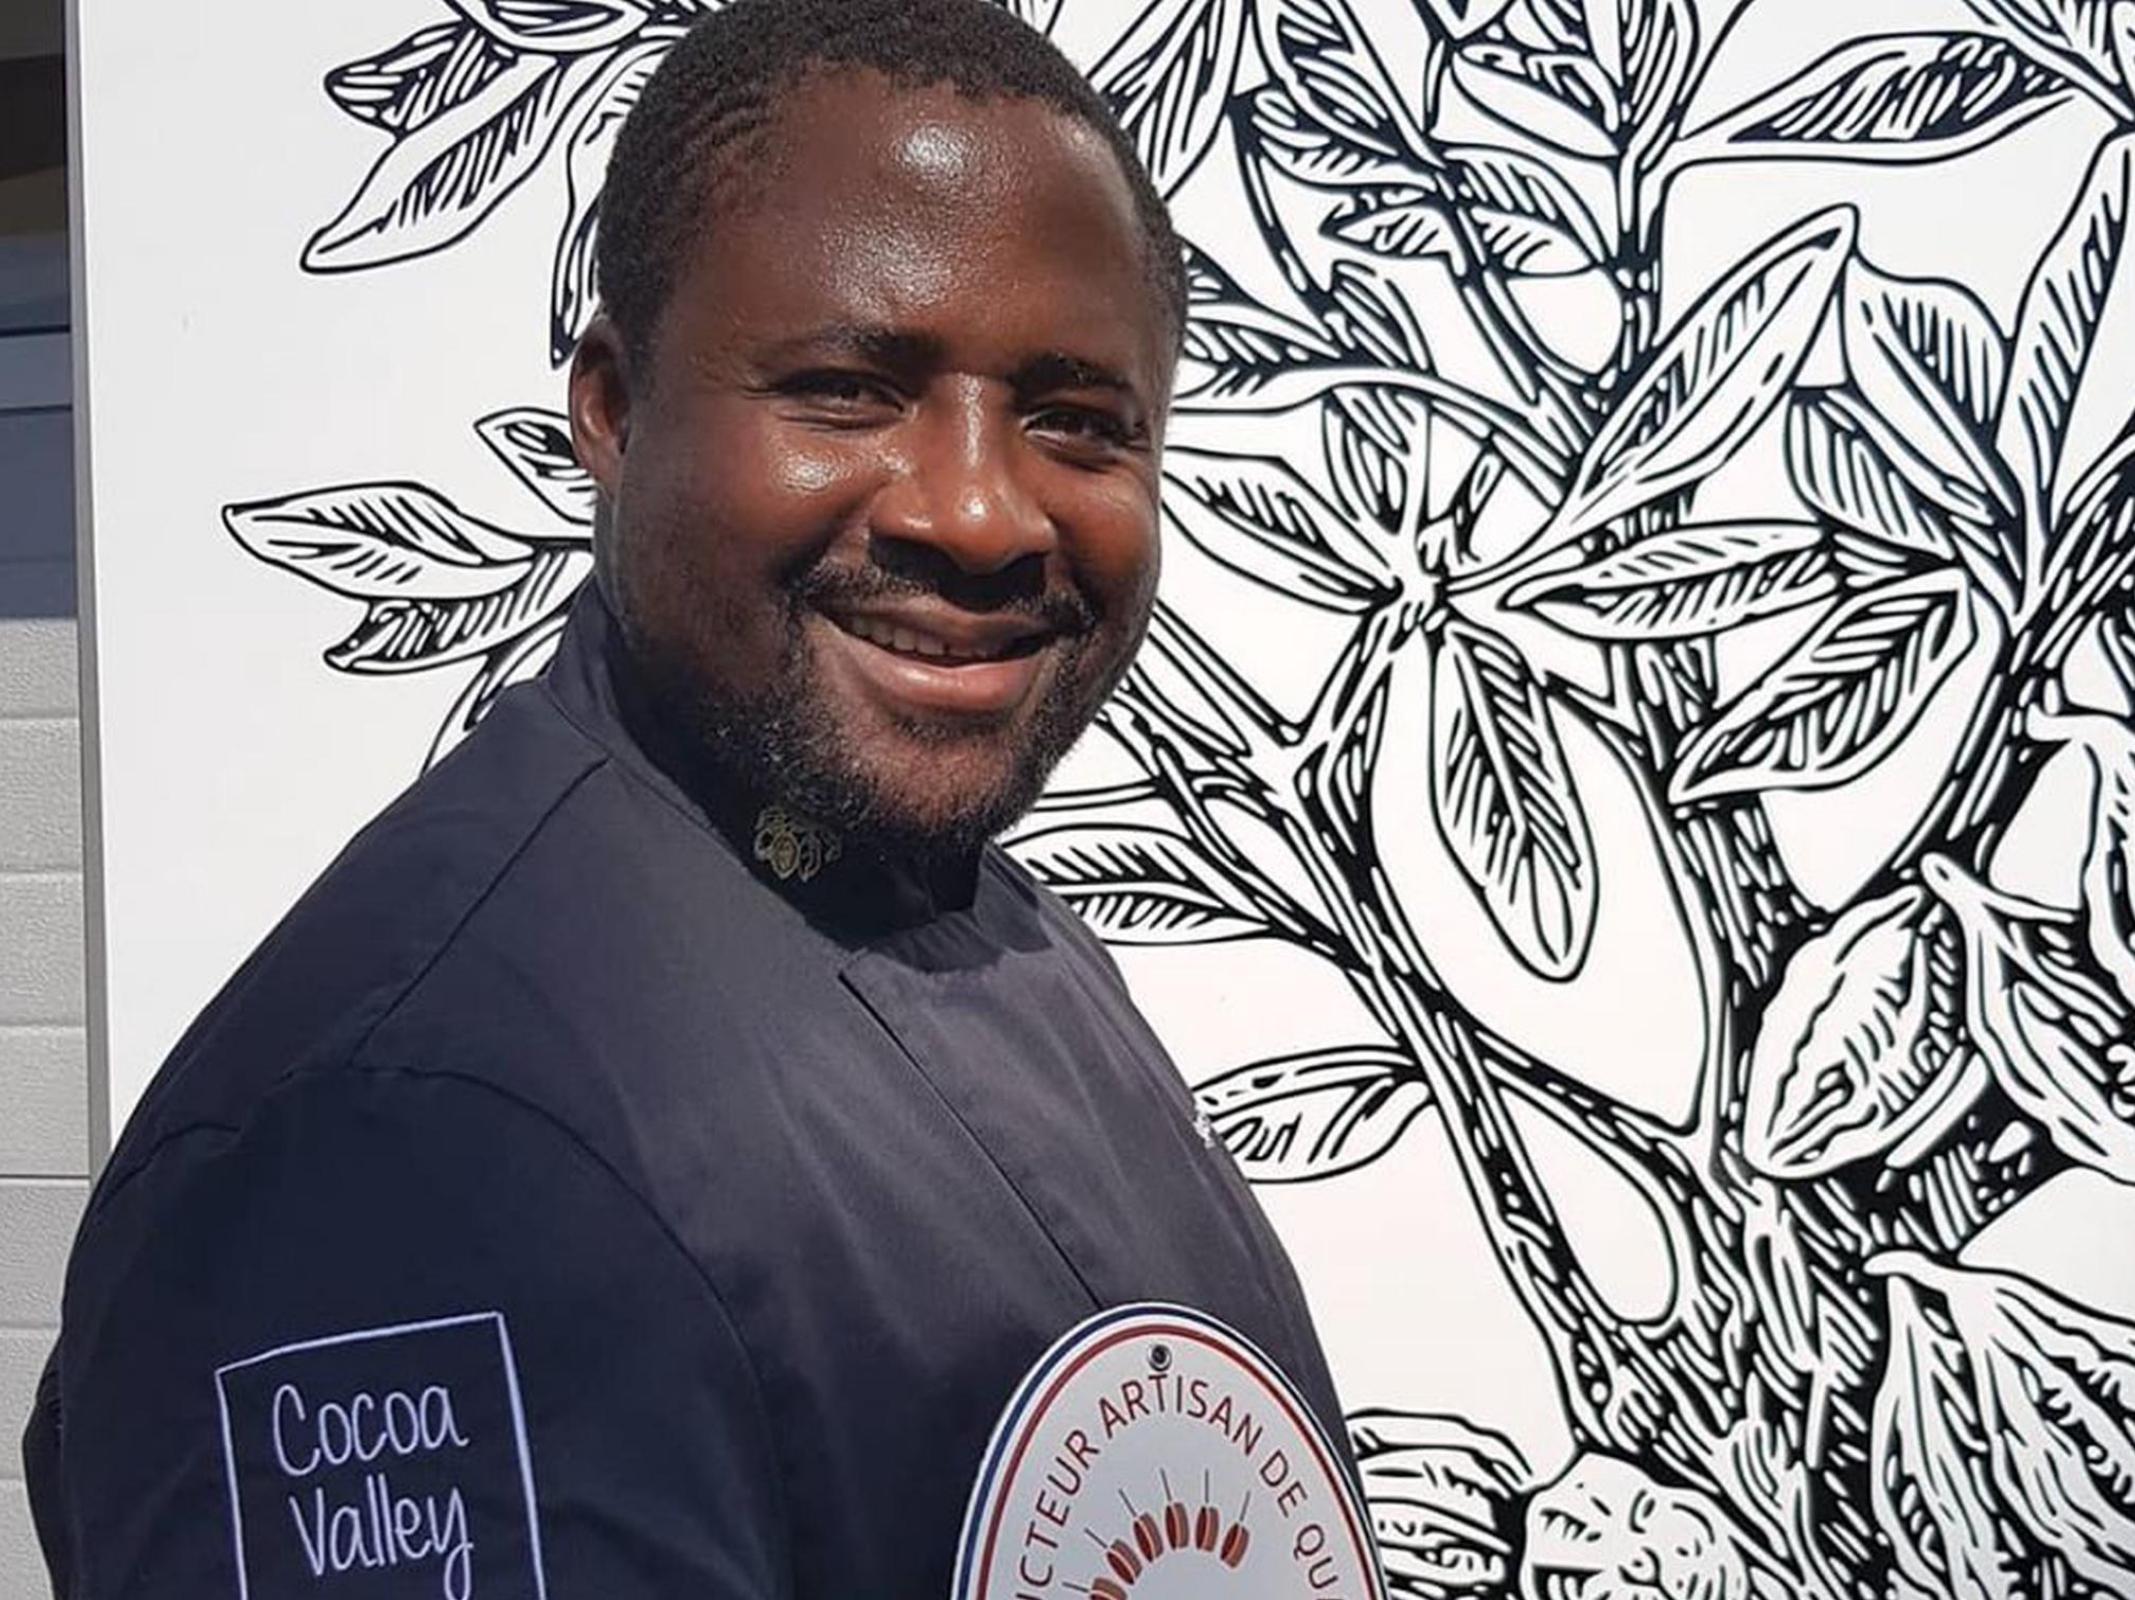 Serges Ngassa - Cocoa Valley - Marché des Producteurs - Les Trésoms Annecy